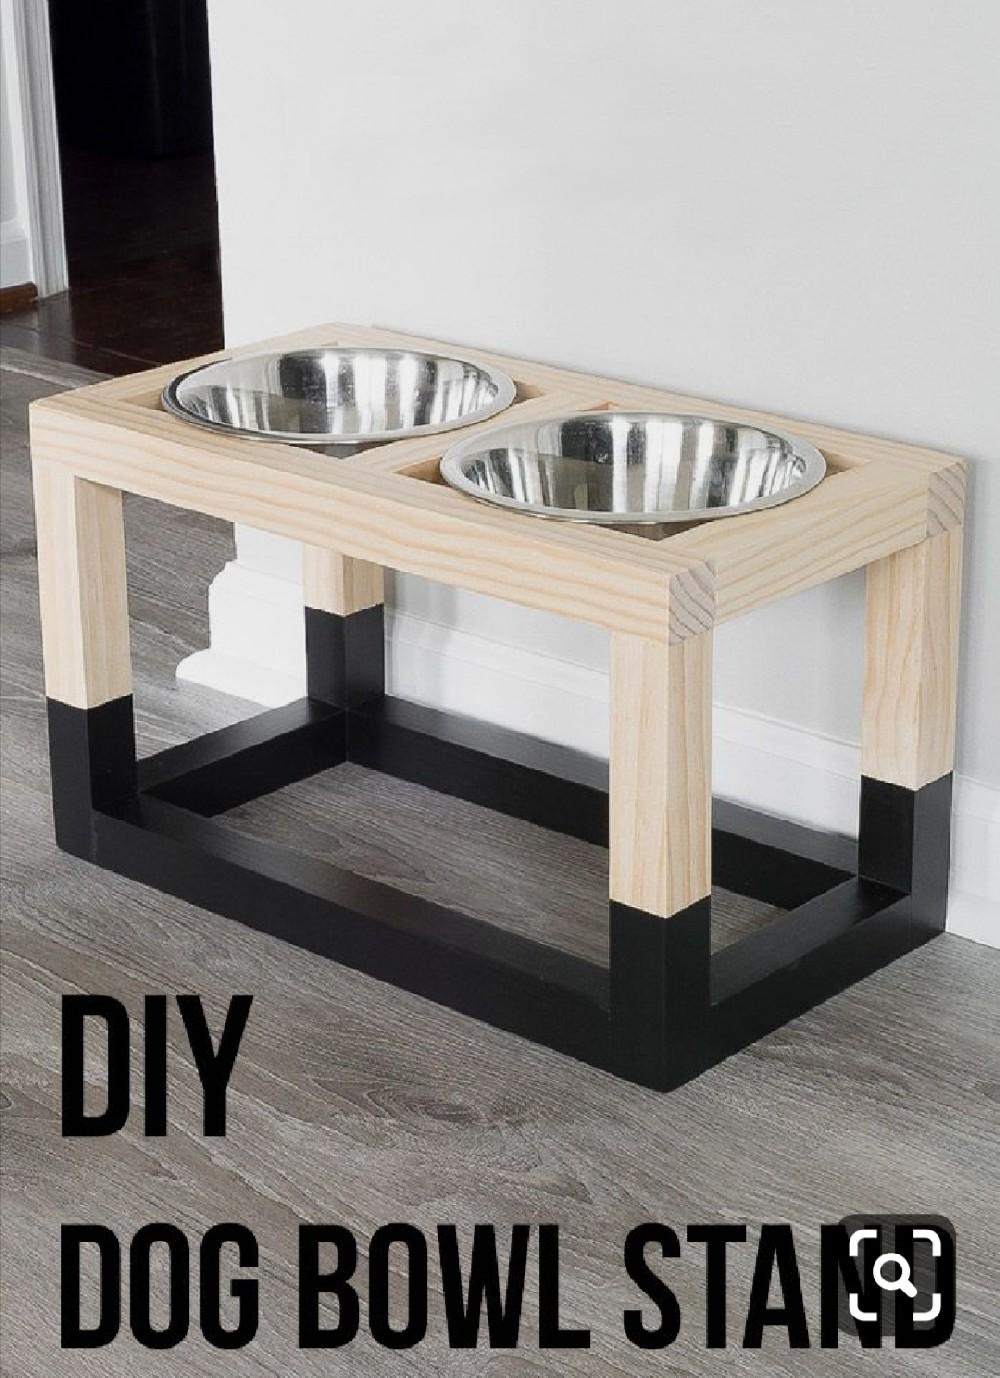 Stand φαγητού και νερού για σκύλους - Μαστορέματα